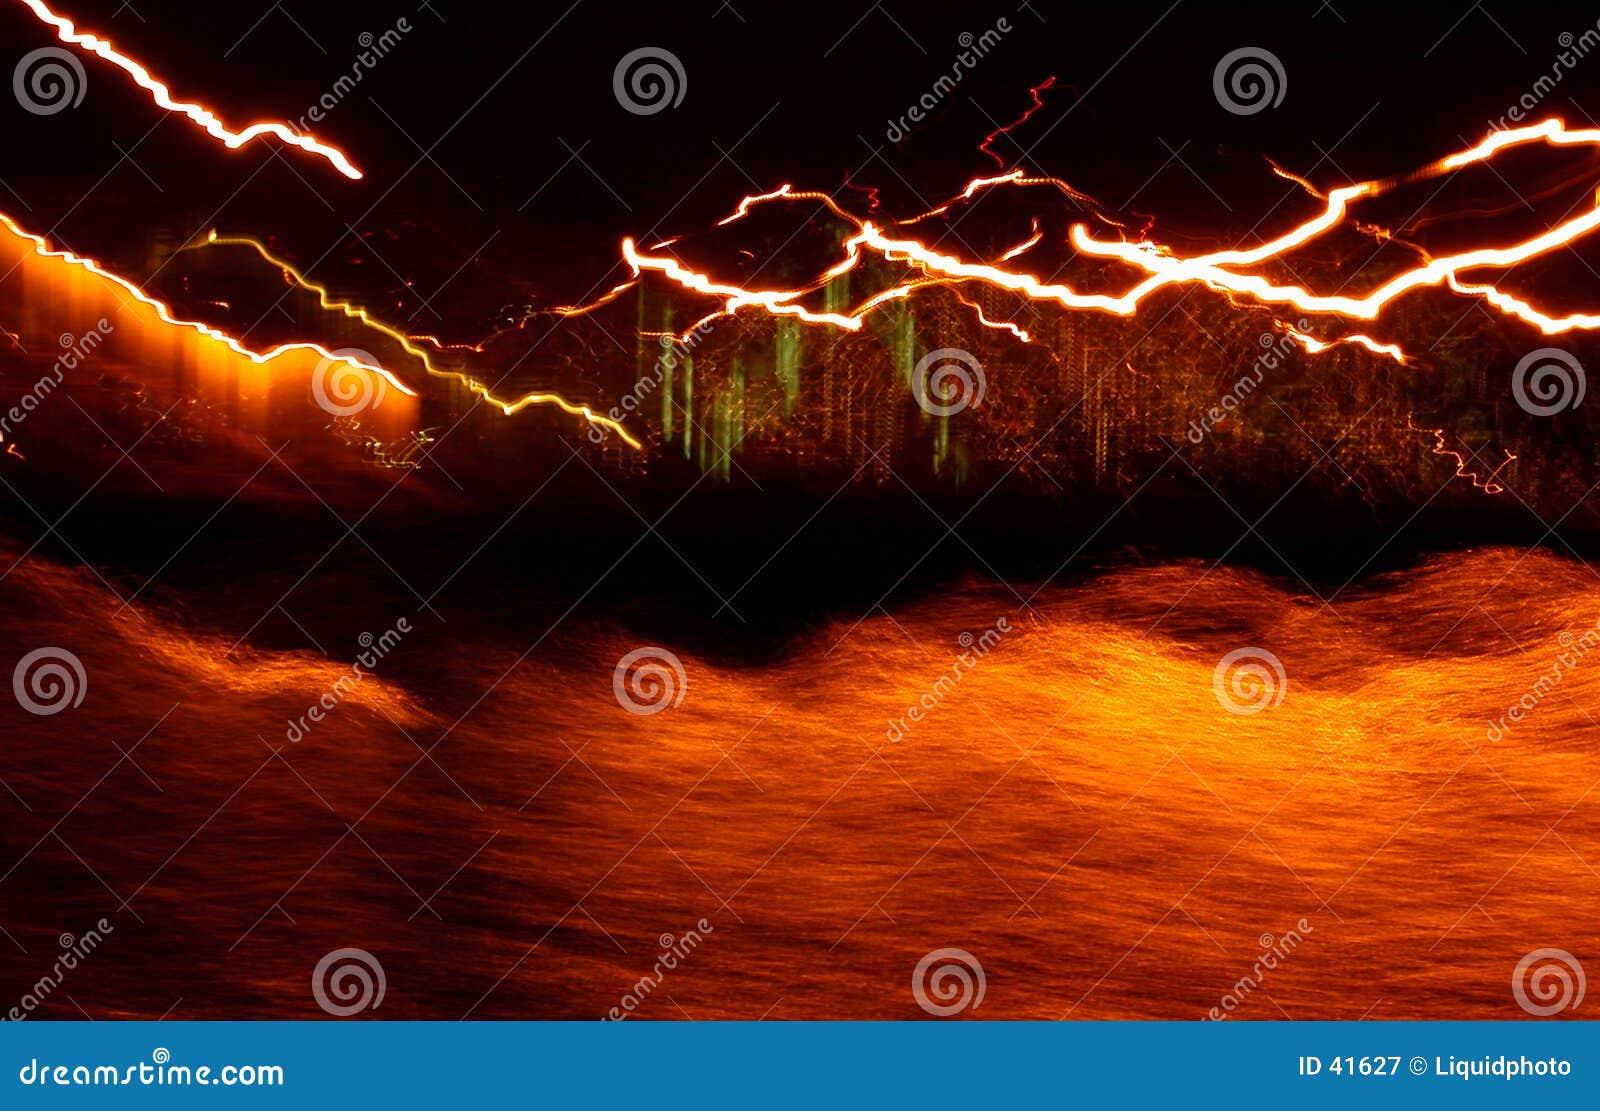 Download Ondas ligeras Hawaii imagen de archivo. Imagen de anaranjado - 41627